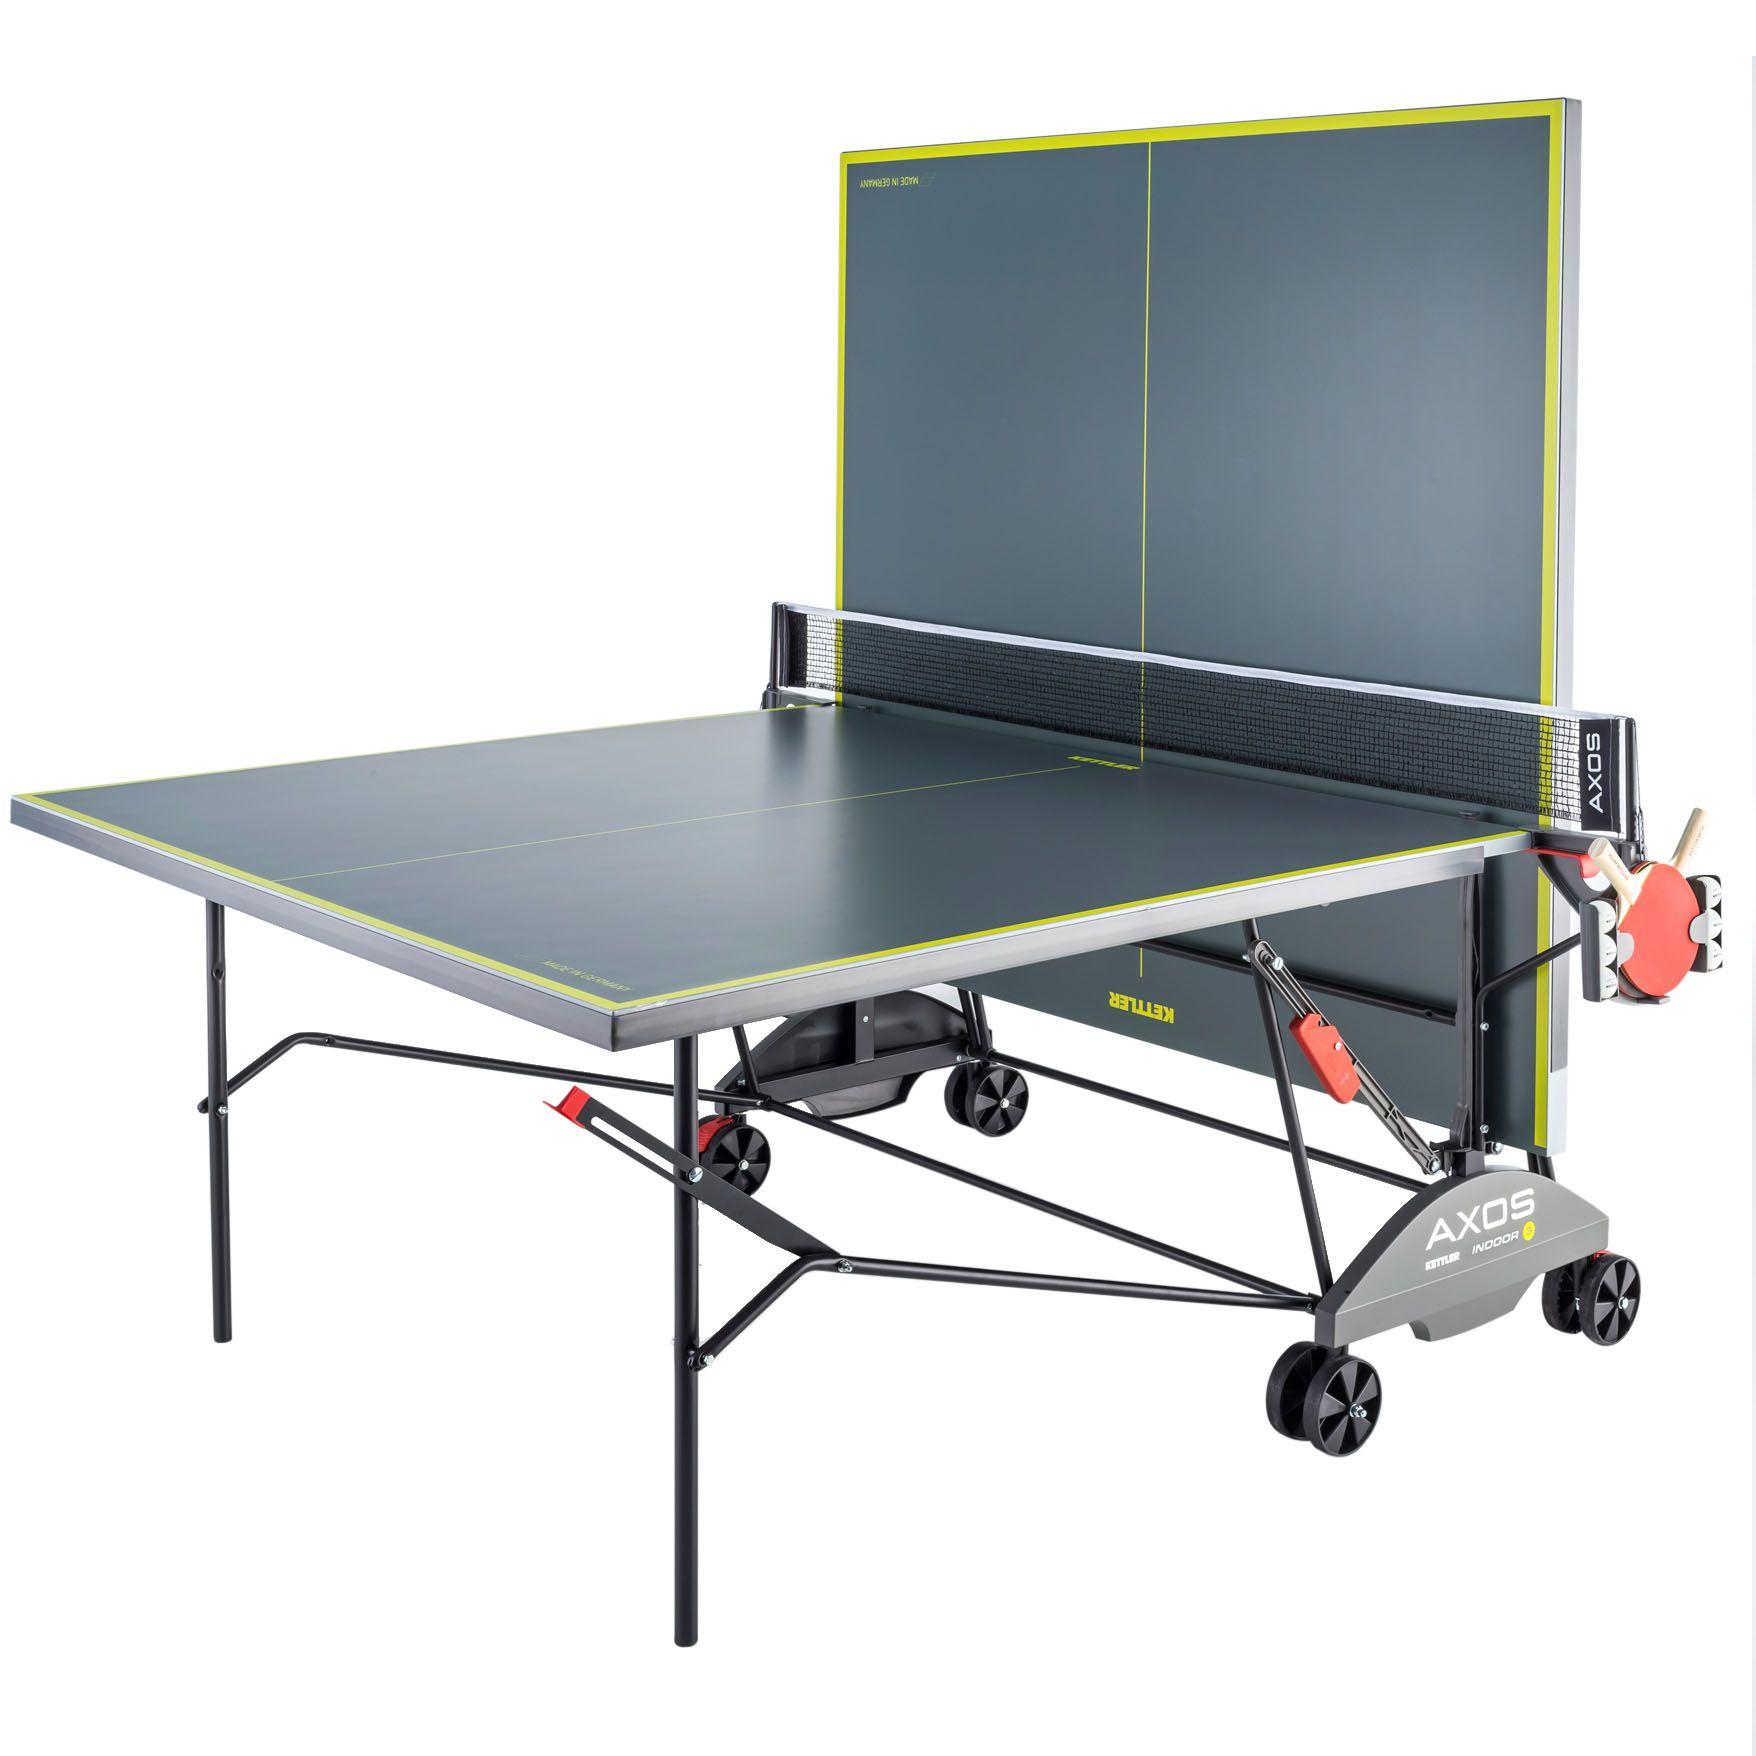 Kettler Axos 3 Indoor Table Tennis Table Sweatband Com